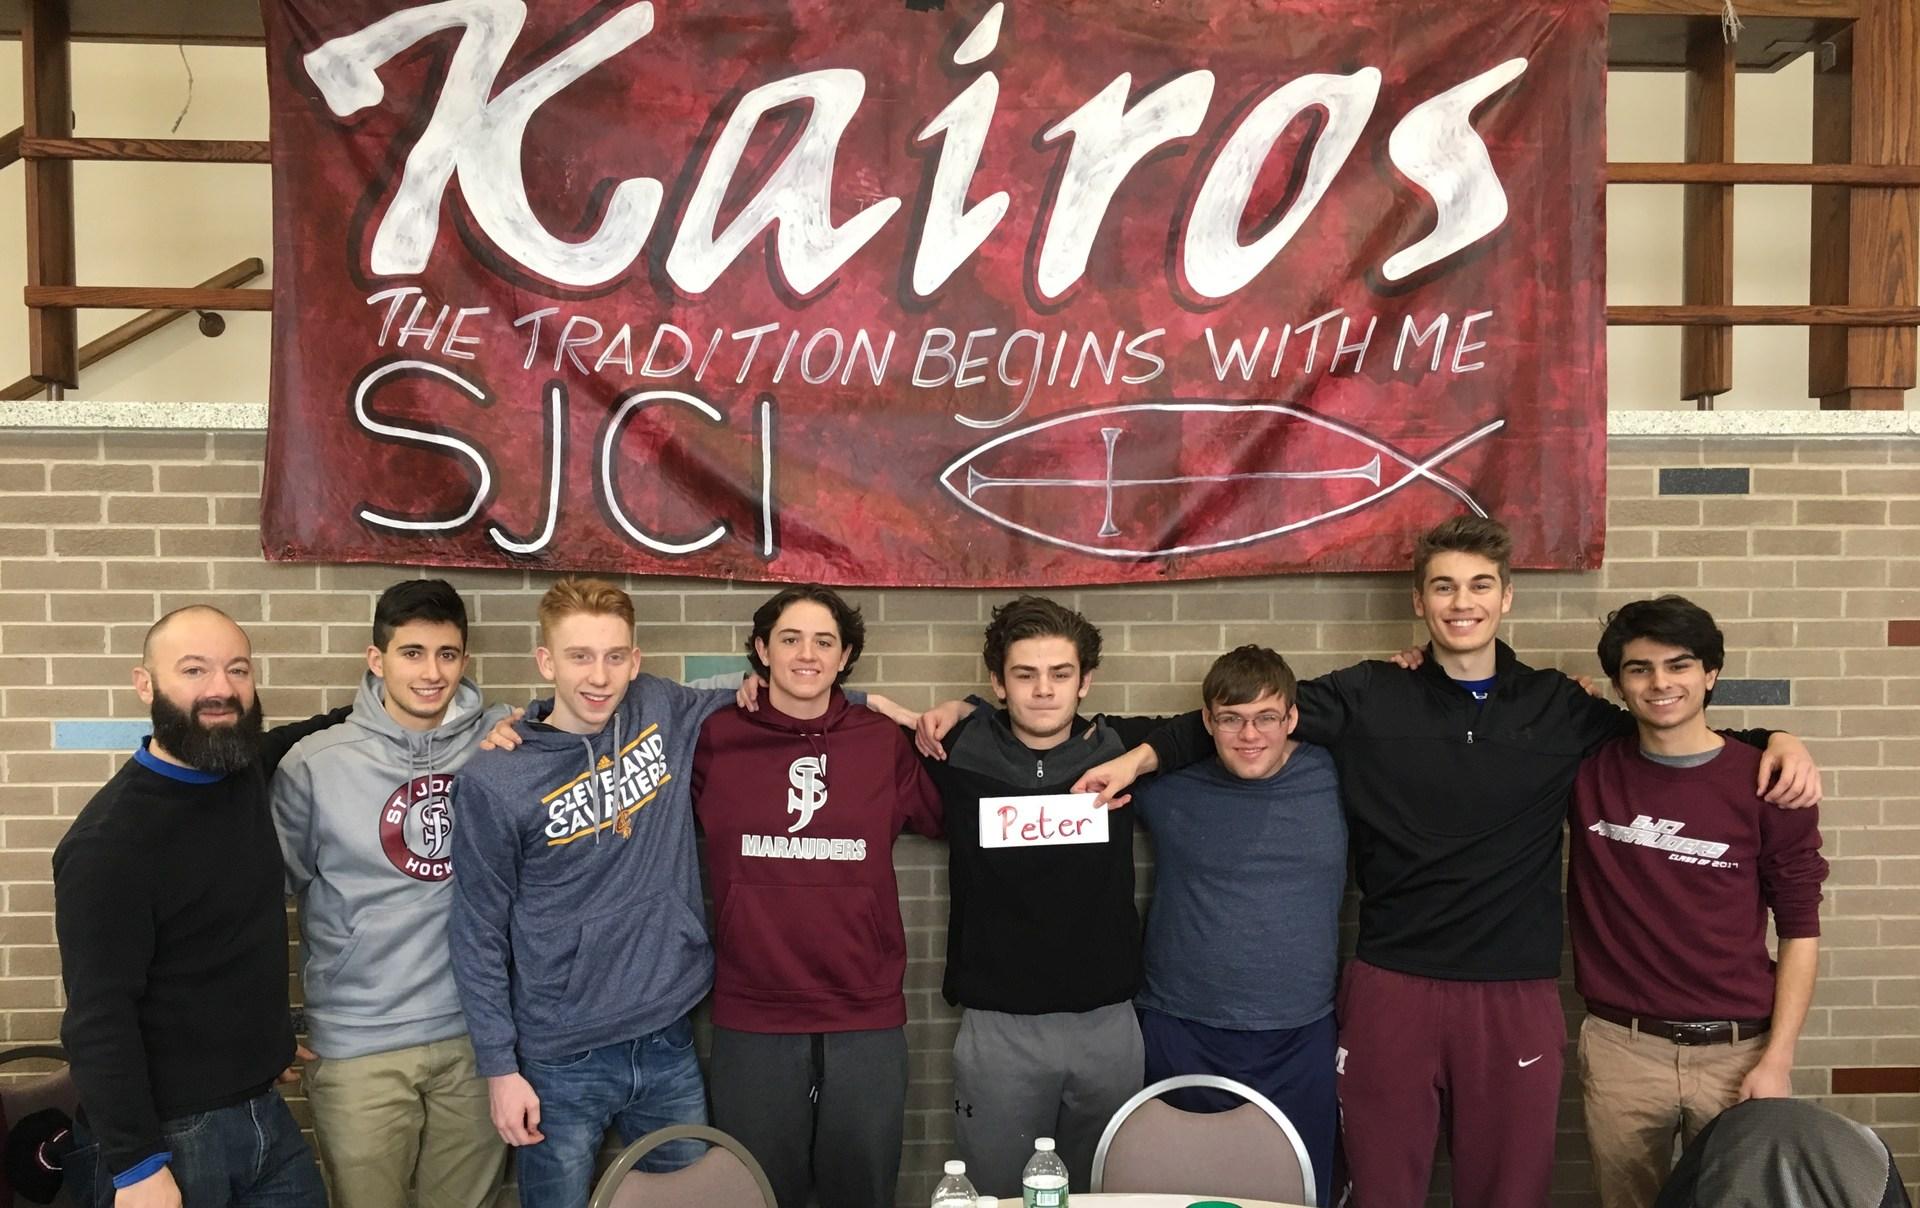 Kairos group